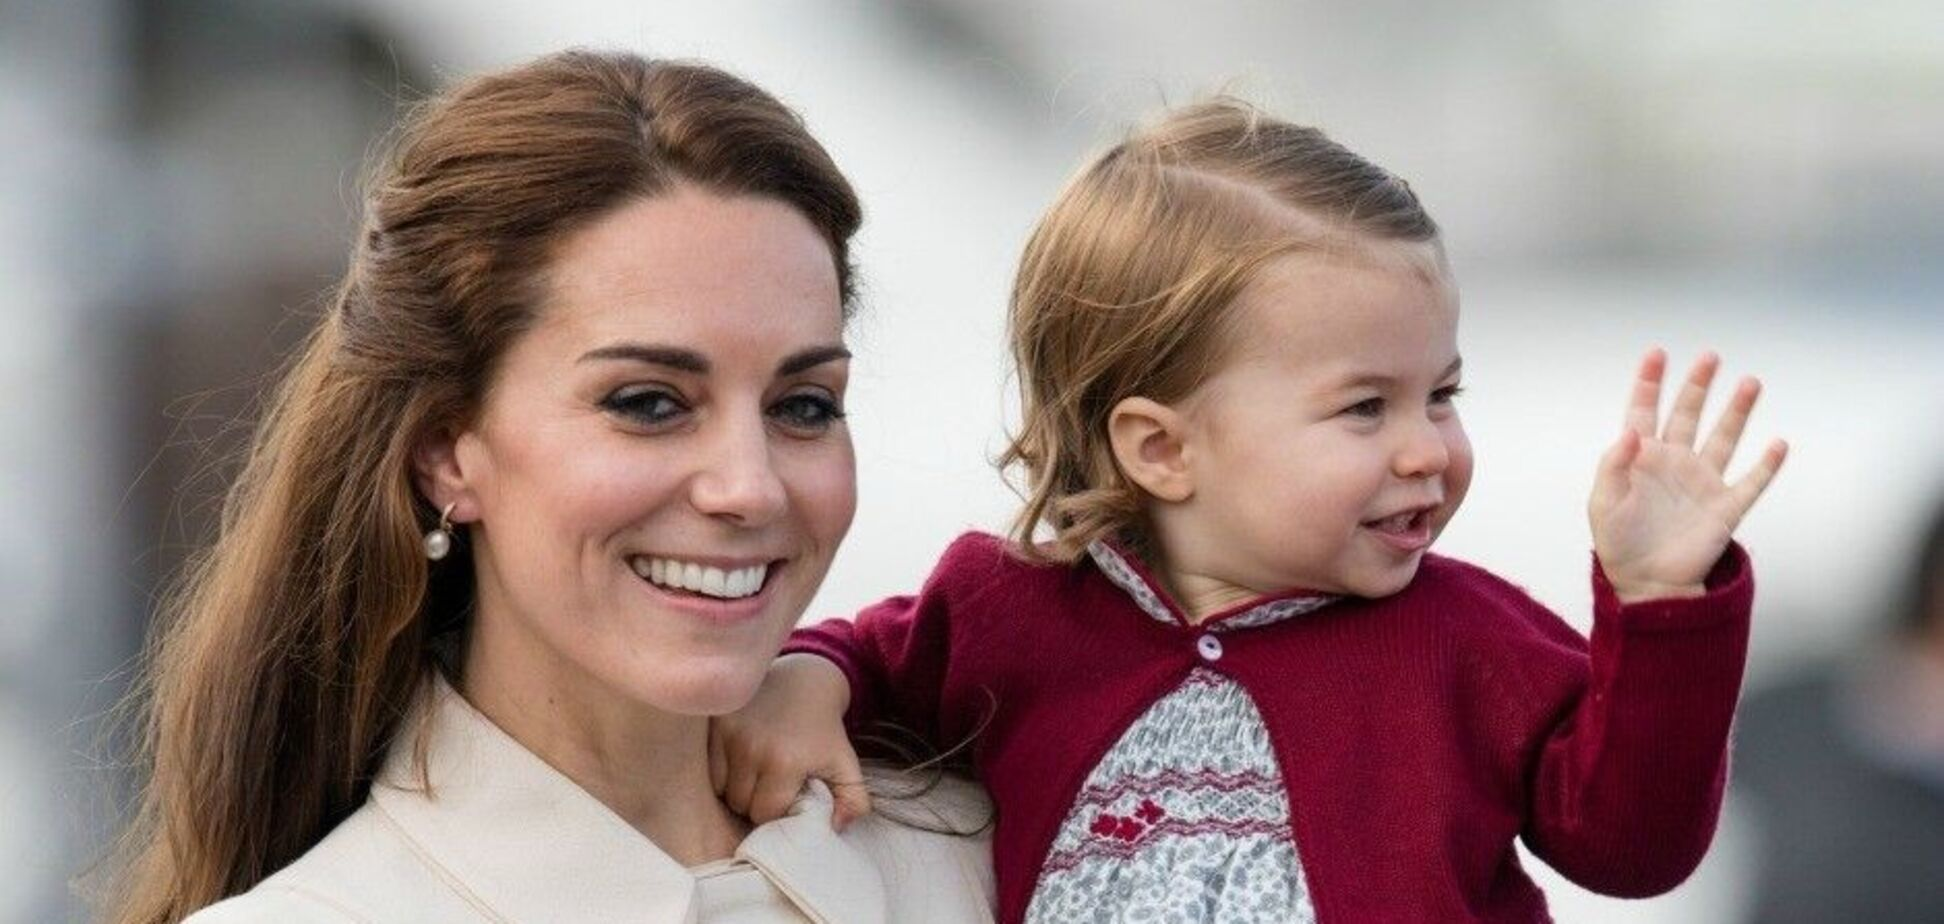 Кейт Міддлтон показала новий портрет 6-річної принцеси Шарлотти в день народження